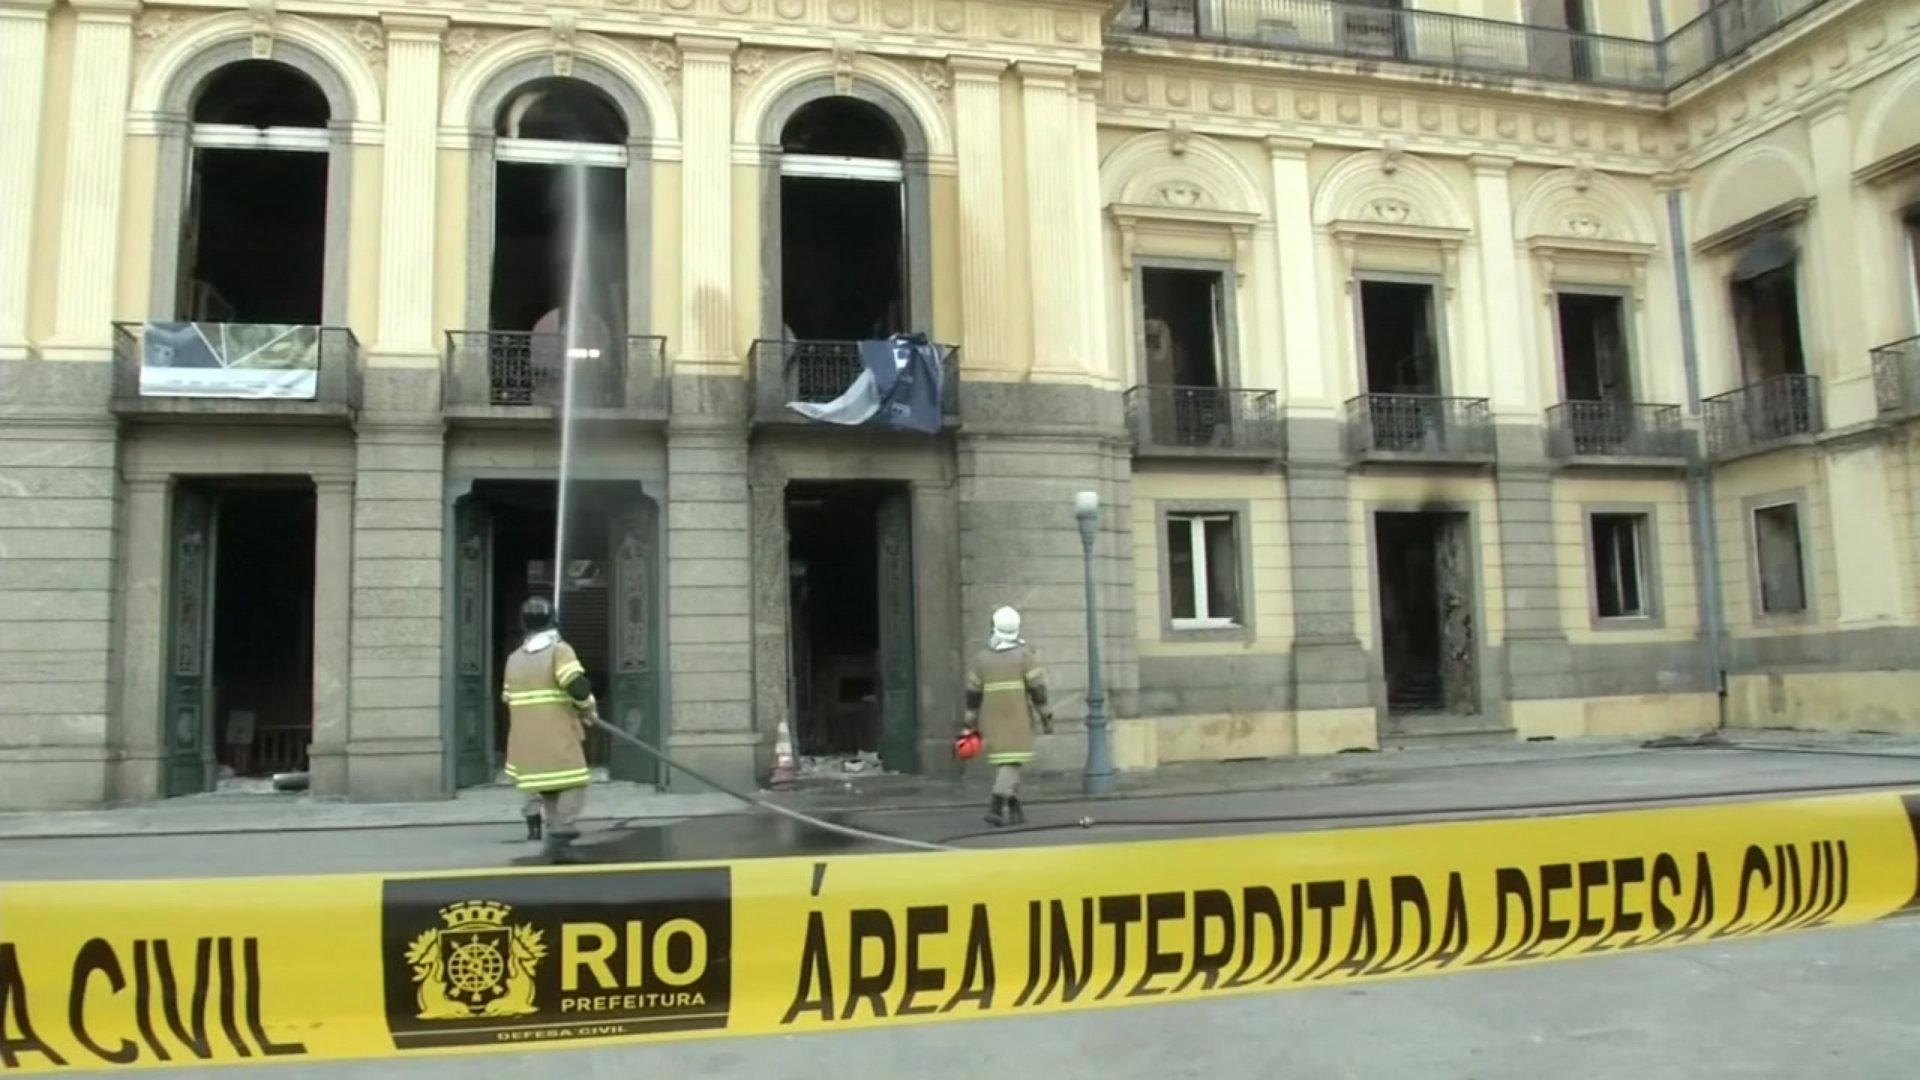 브라질 국립 박물관 대화재에서 살아남은 유물